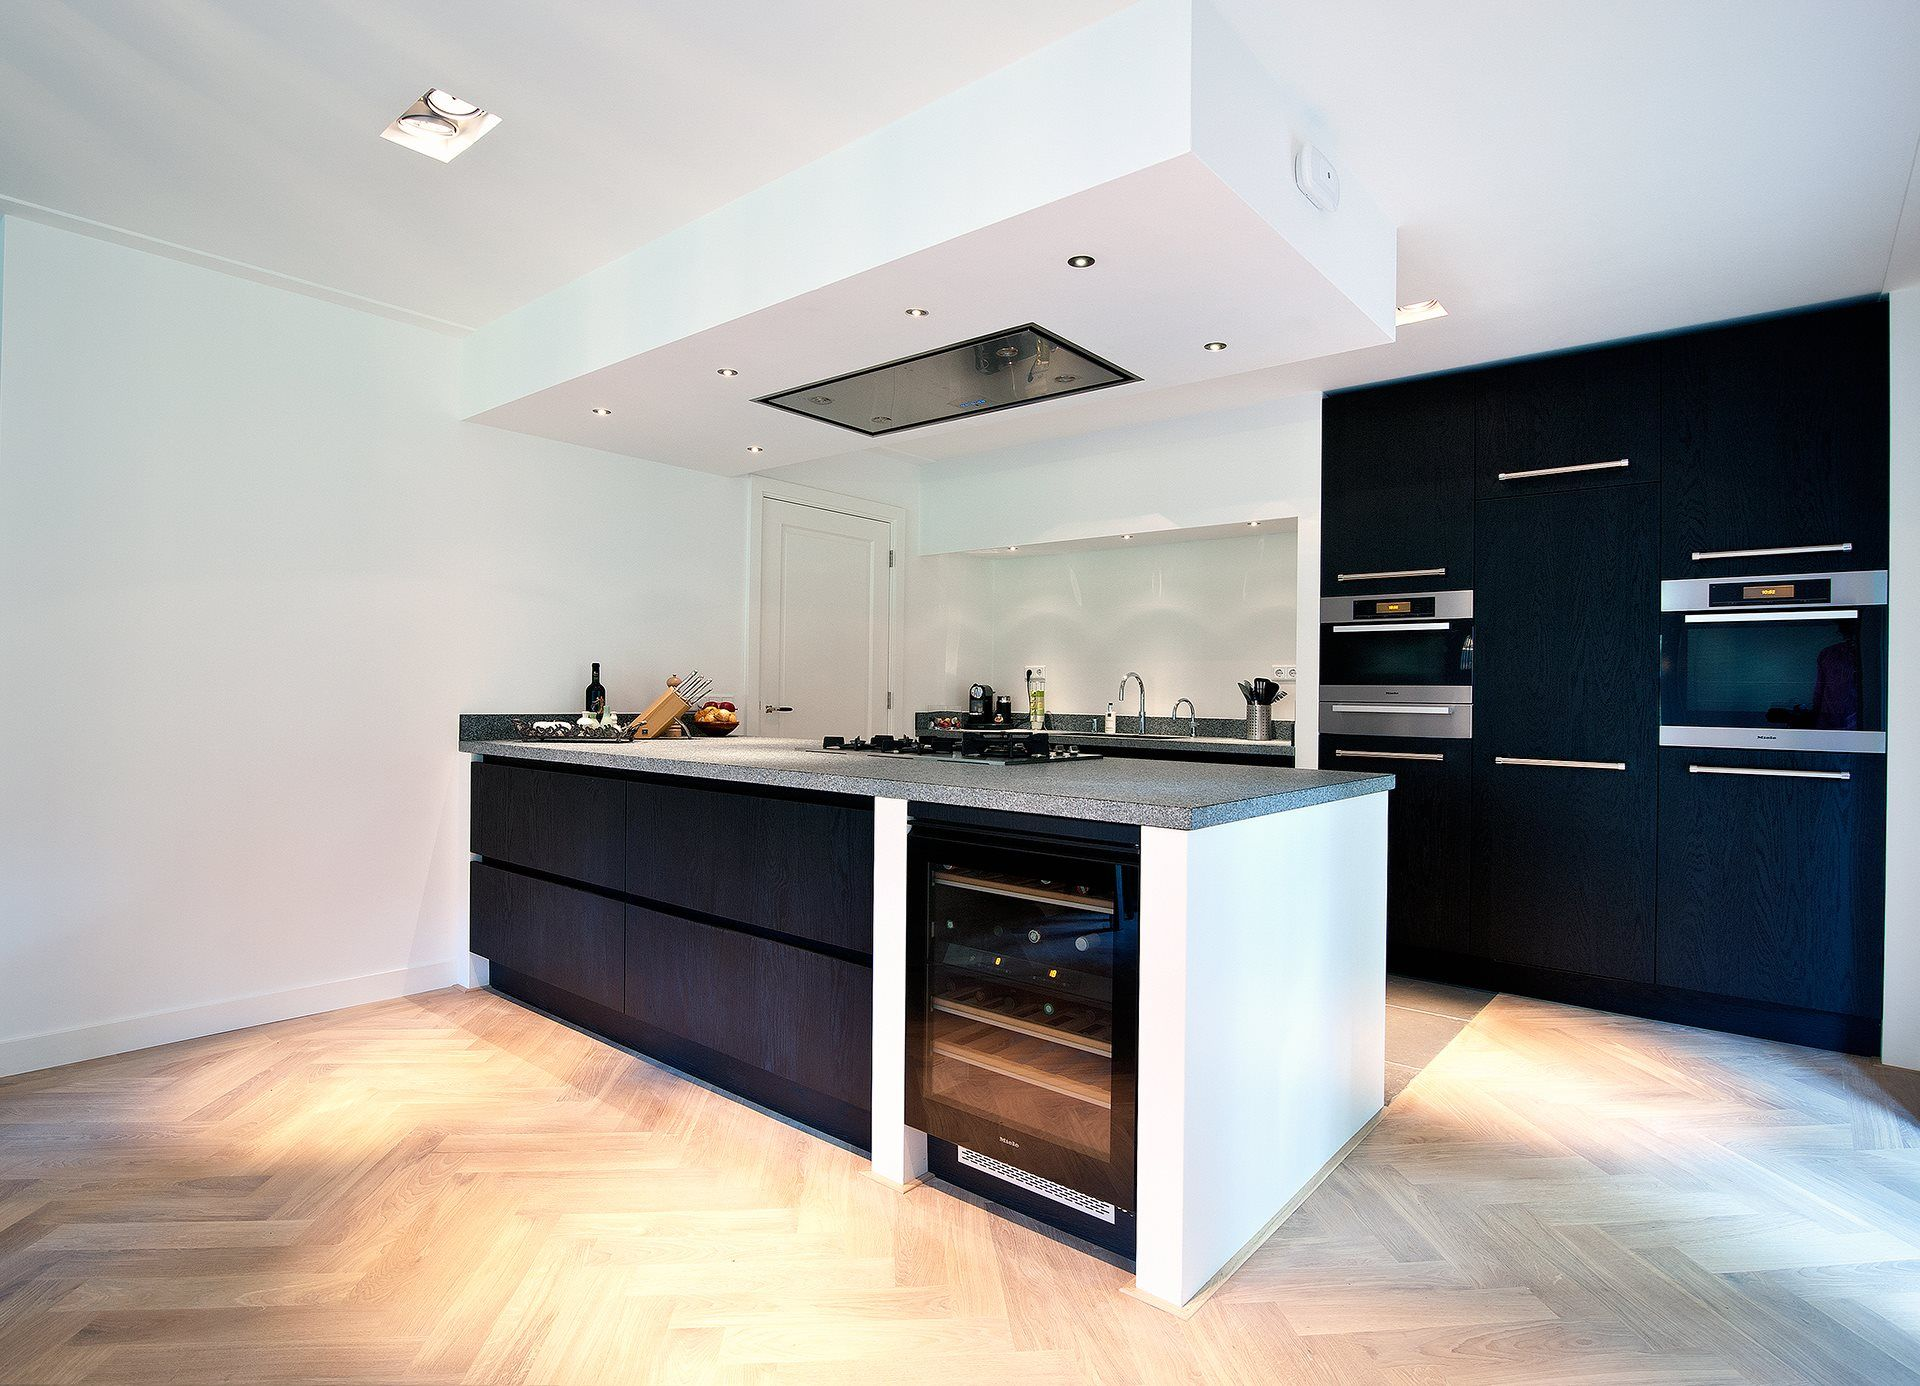 Exclusieve keukens tegen betaalbare prijzen van galen keuken bad keukens op maat gemaakt - Eiland zwarte bad ...